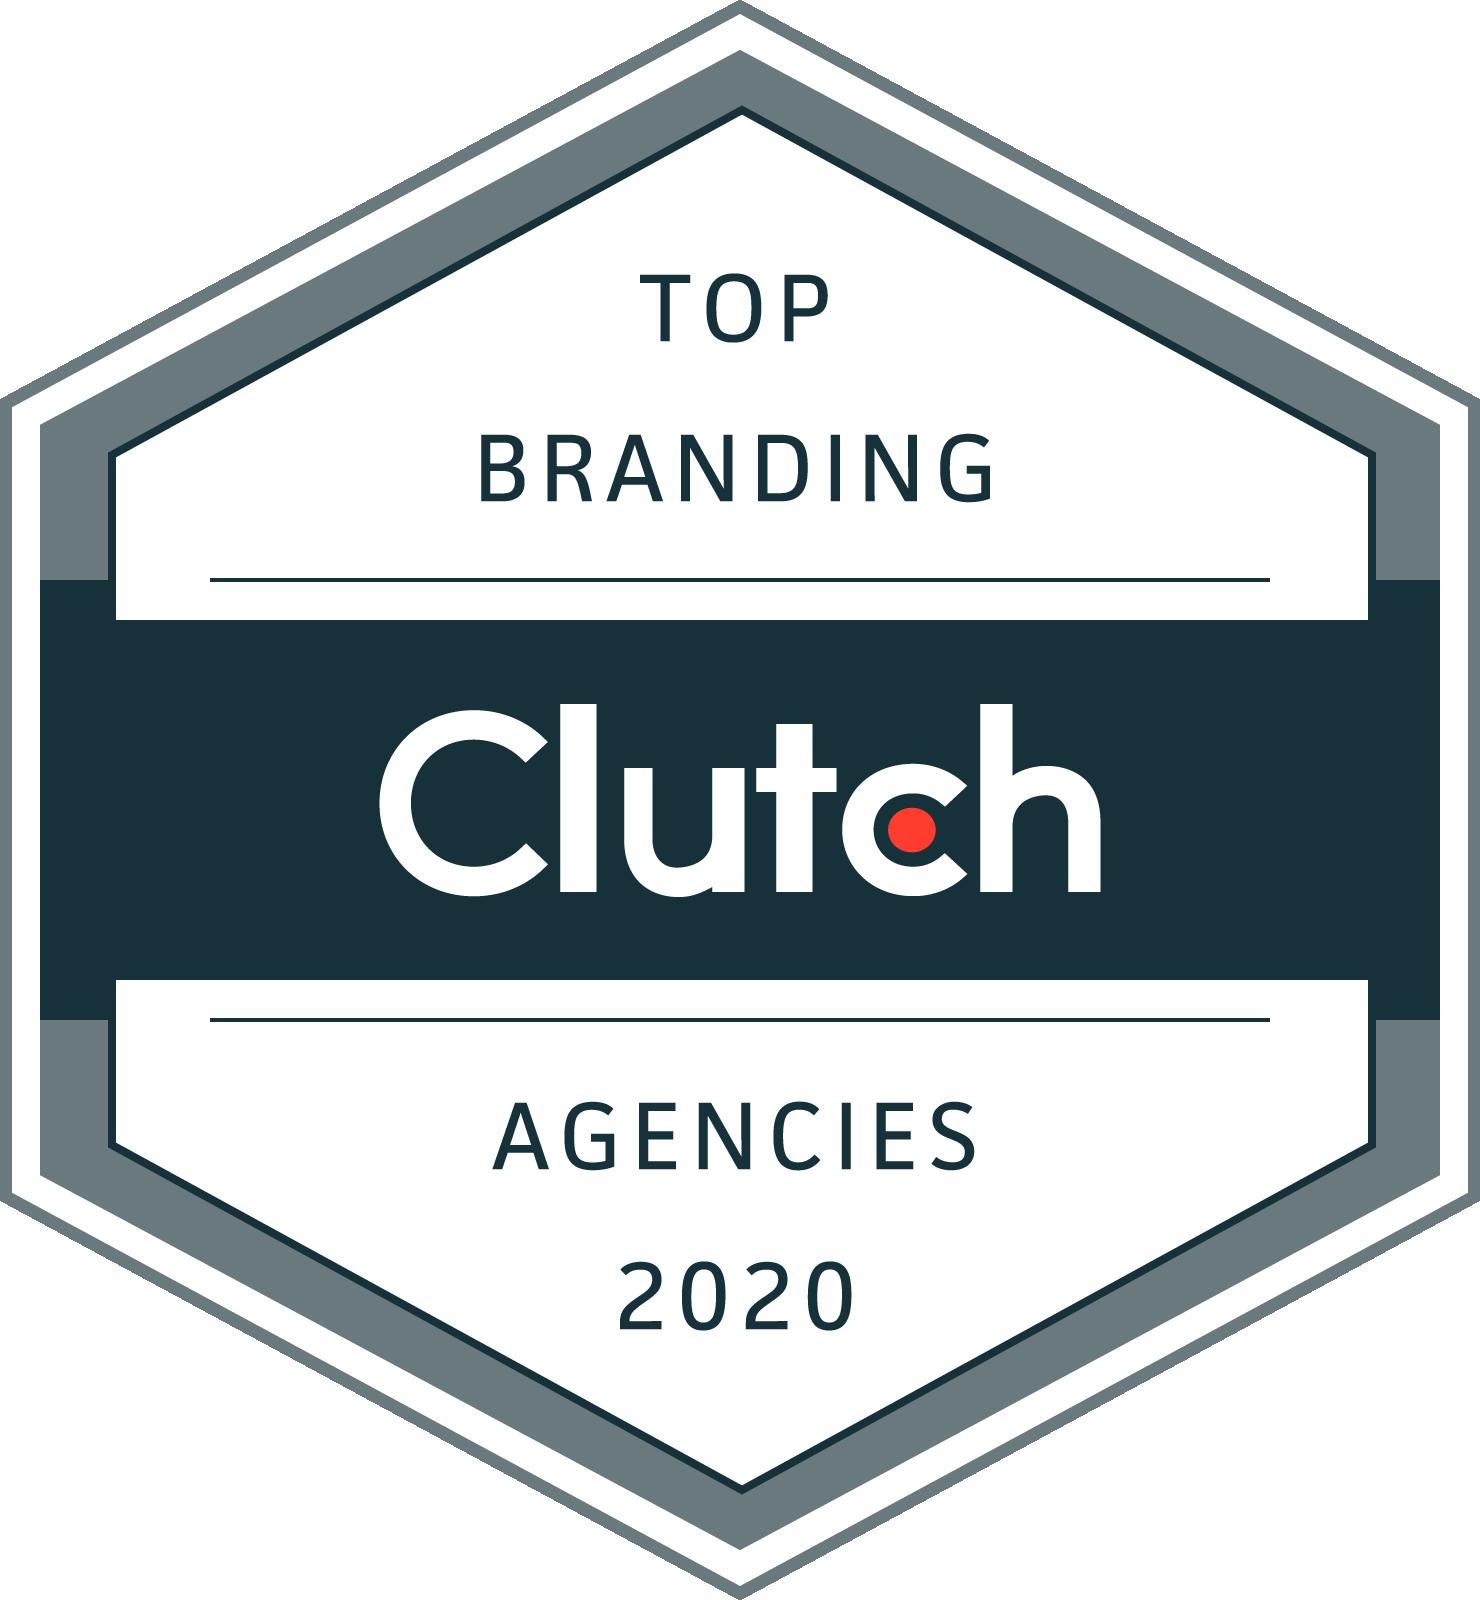 Clutch Top Branding Award Agencies 2020